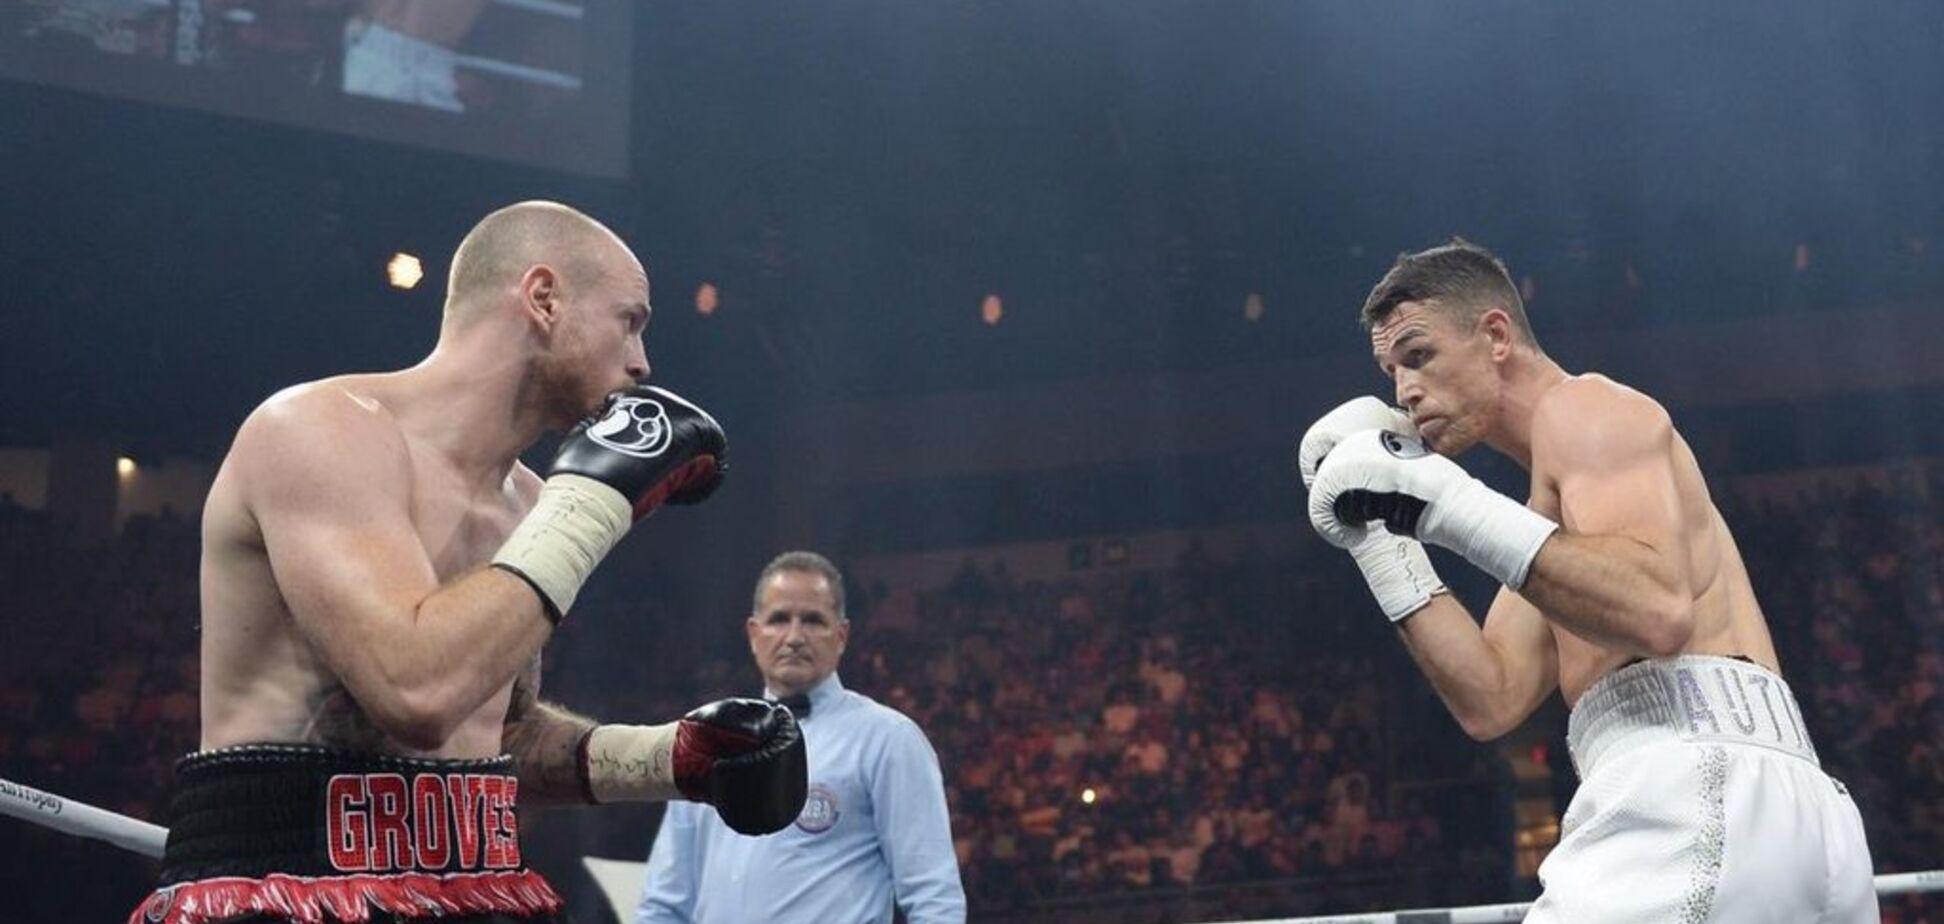 Знаменитый британец нокаутом выиграл Всемирную боксерскую суперсерию - опубликовано видео